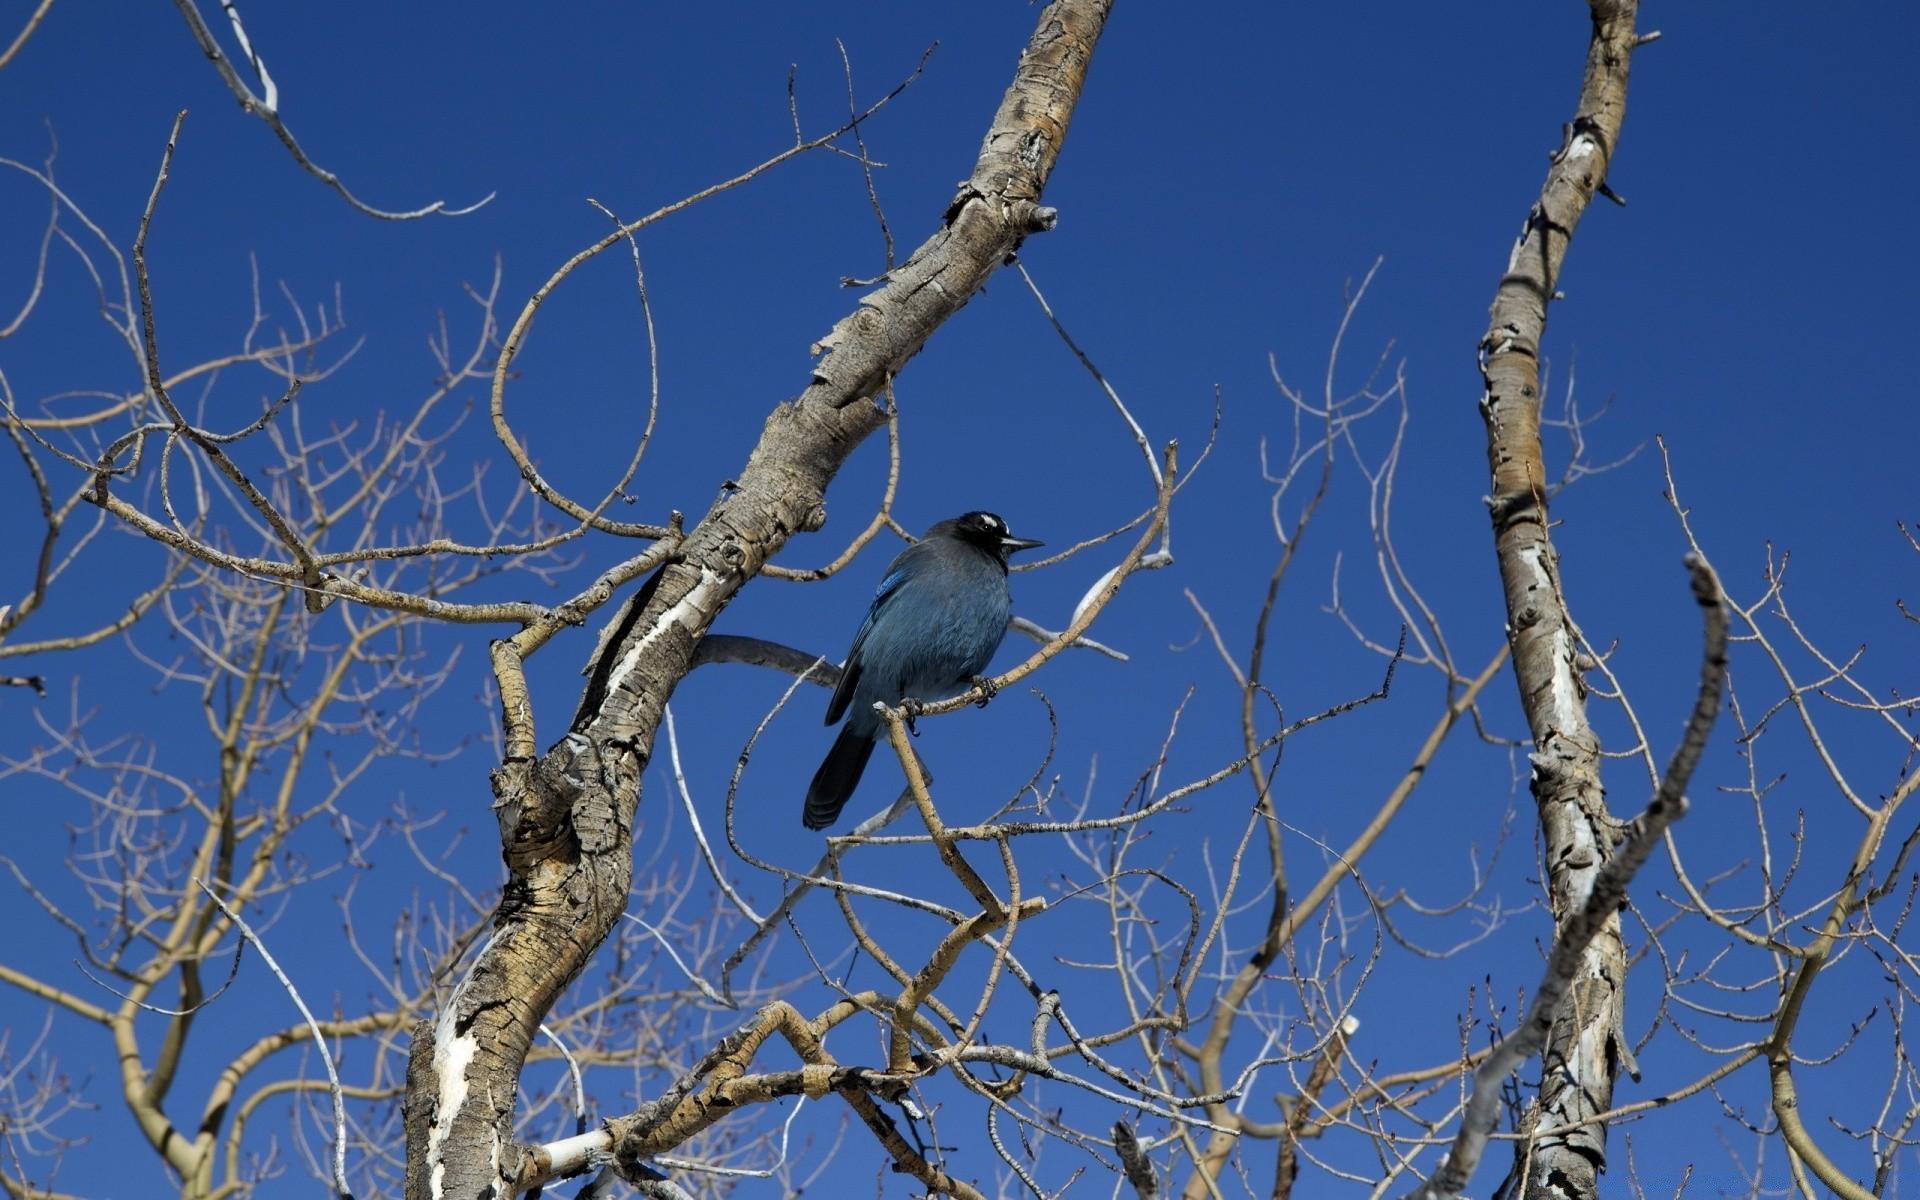 картинки птицы на ветвях видели такие